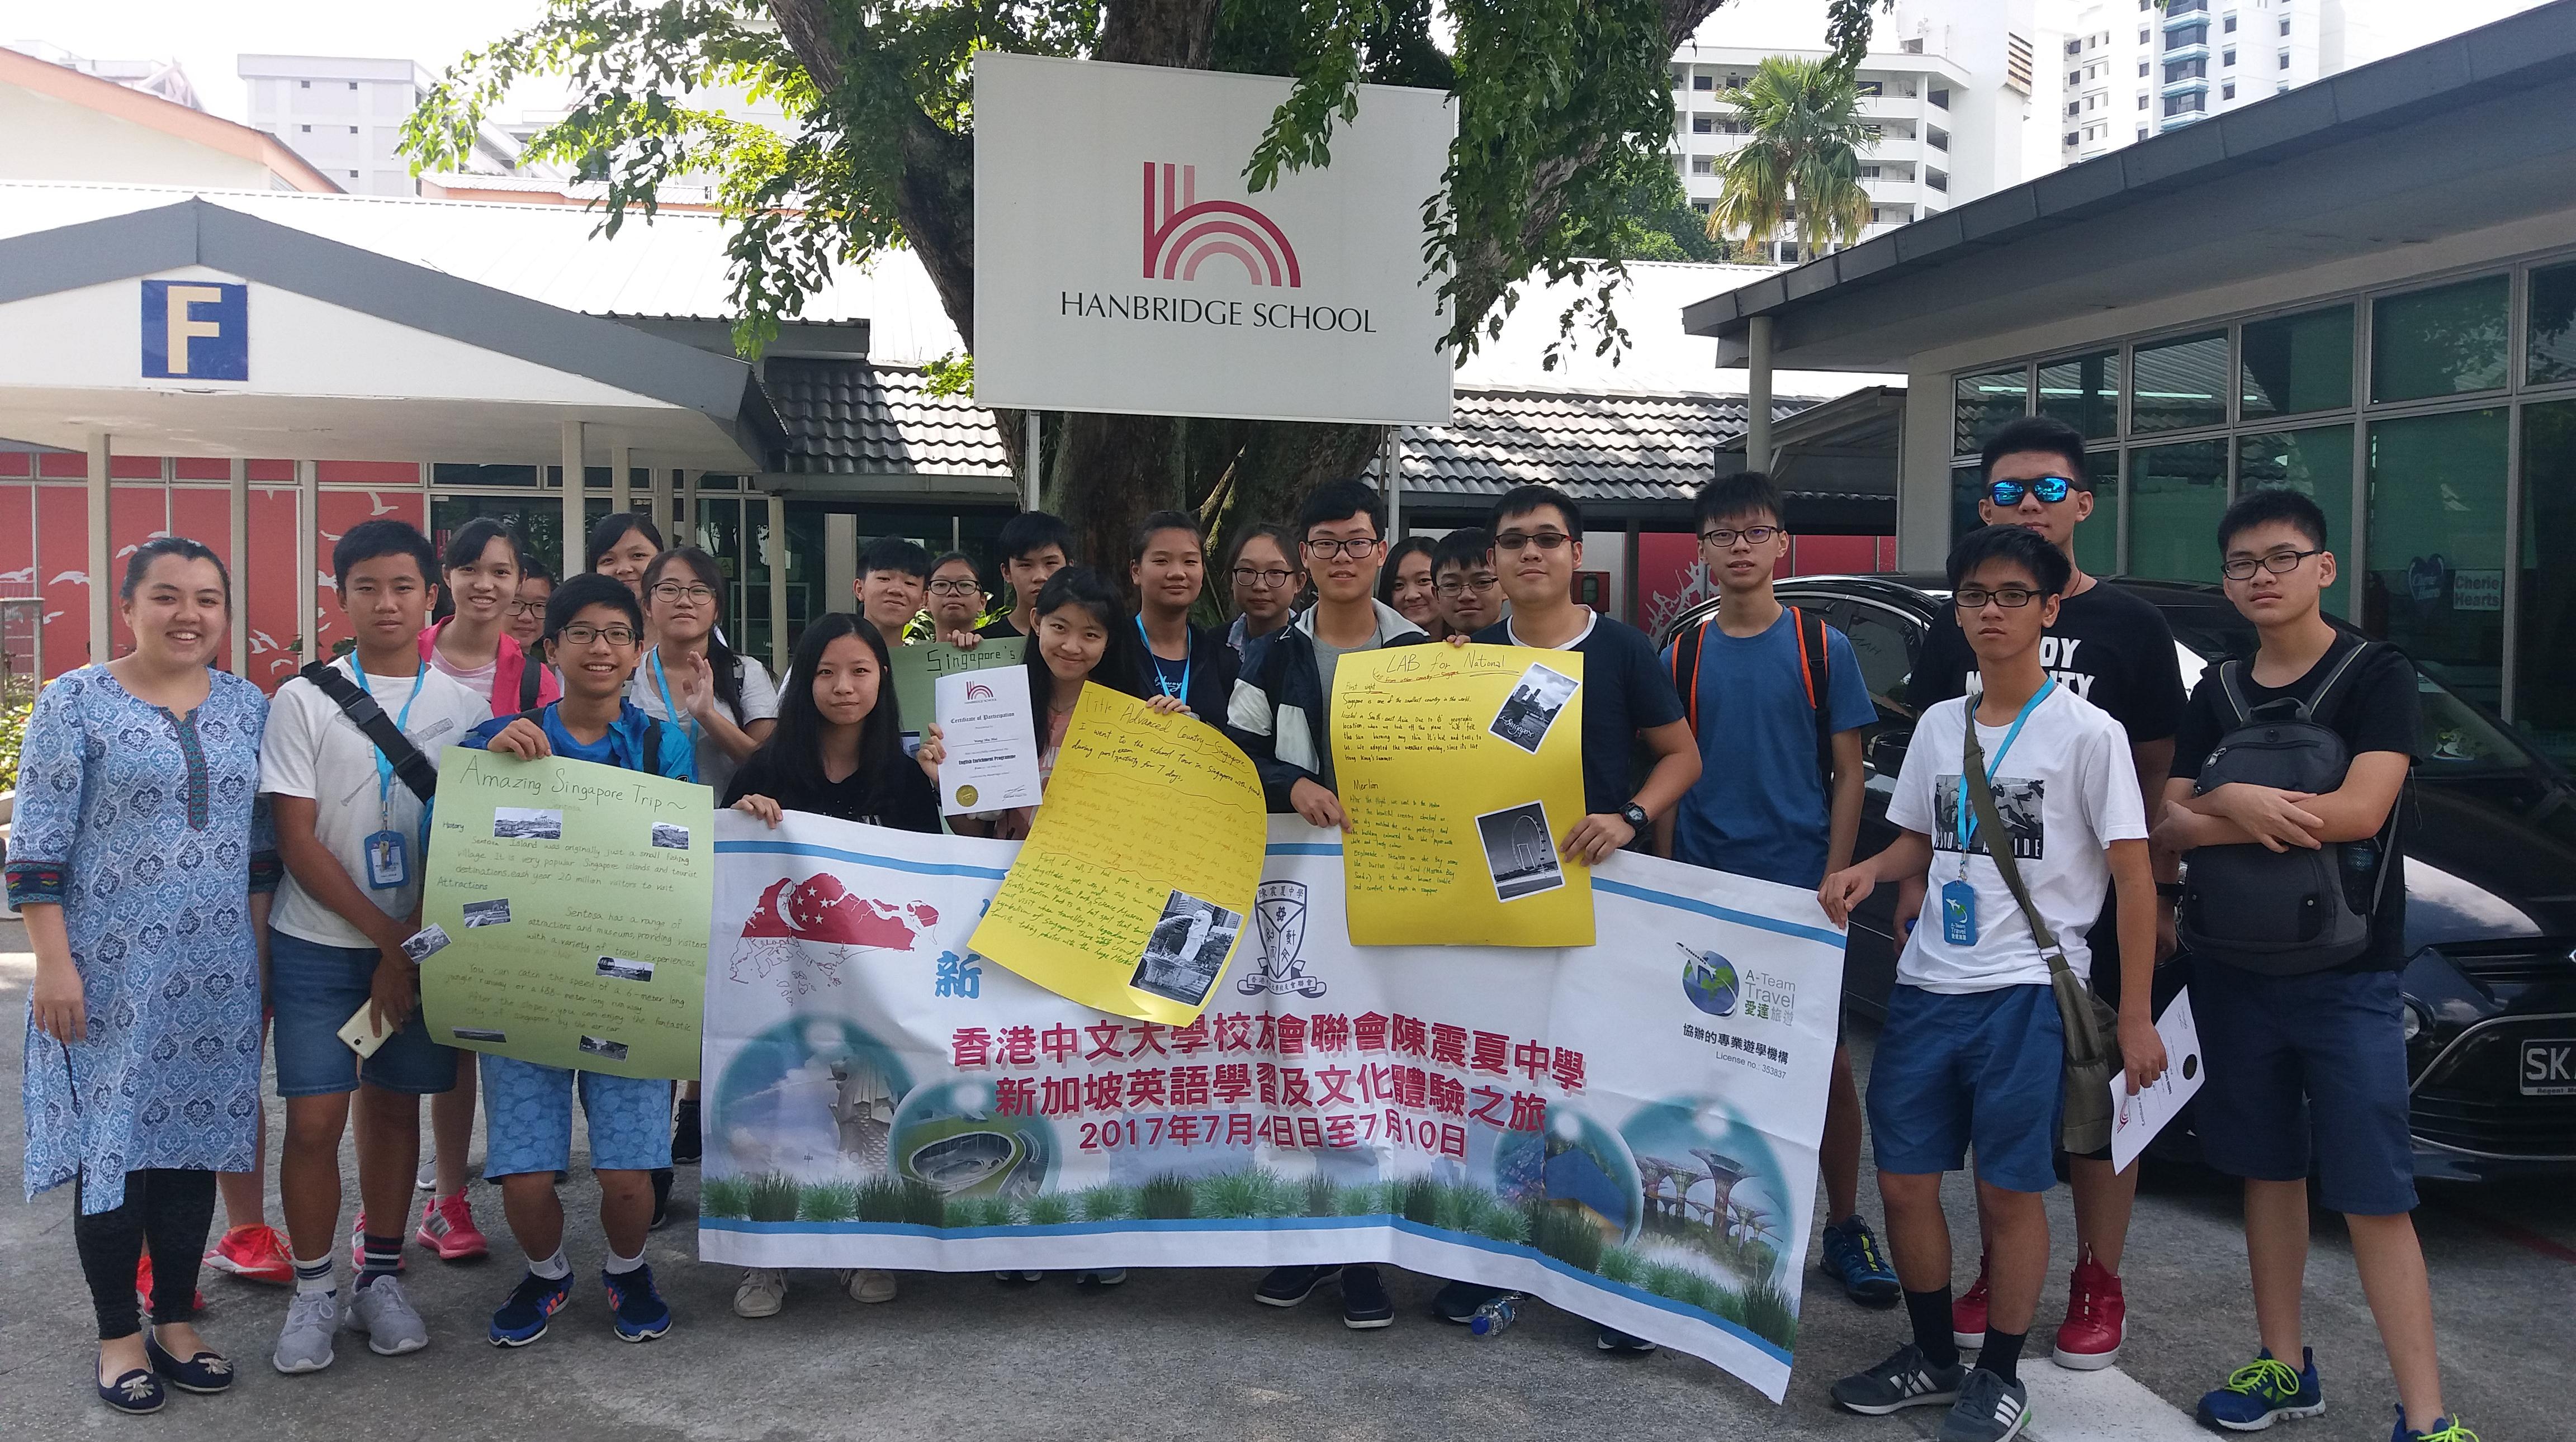 新加坡英語學習交流之旅